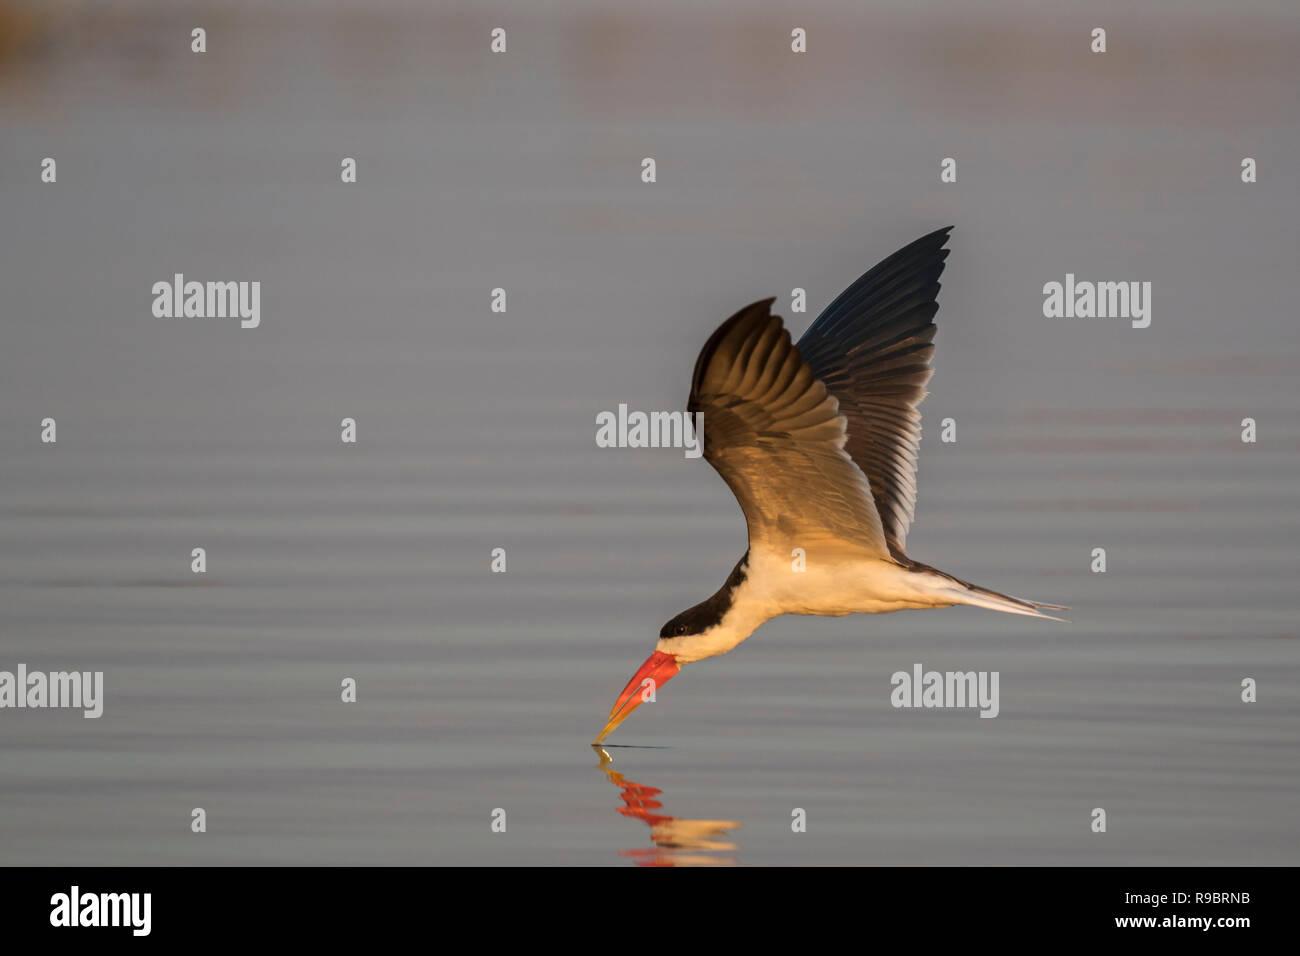 African skimmer (Rynchops flavirostris) fishing, Chobe river, Botswana - Stock Image